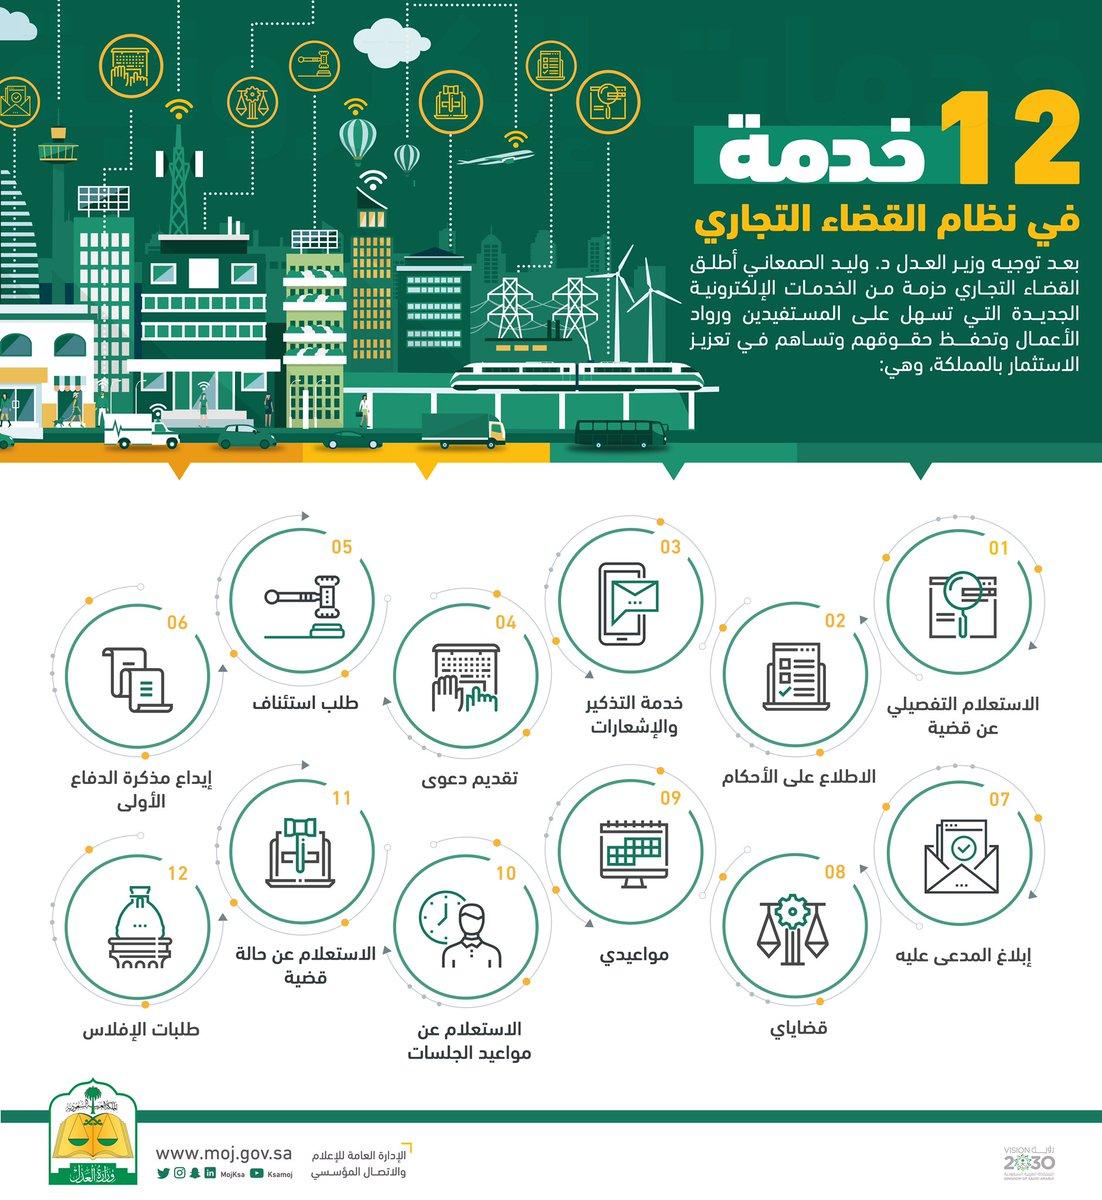 وزارة العدل Sur Twitter 12 خدمة في نظام القضاء التجاري